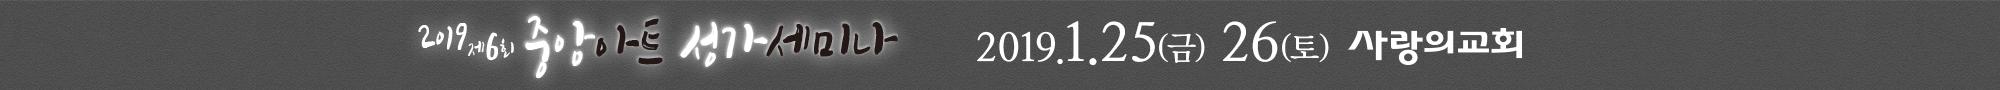 2019 찬양세미나